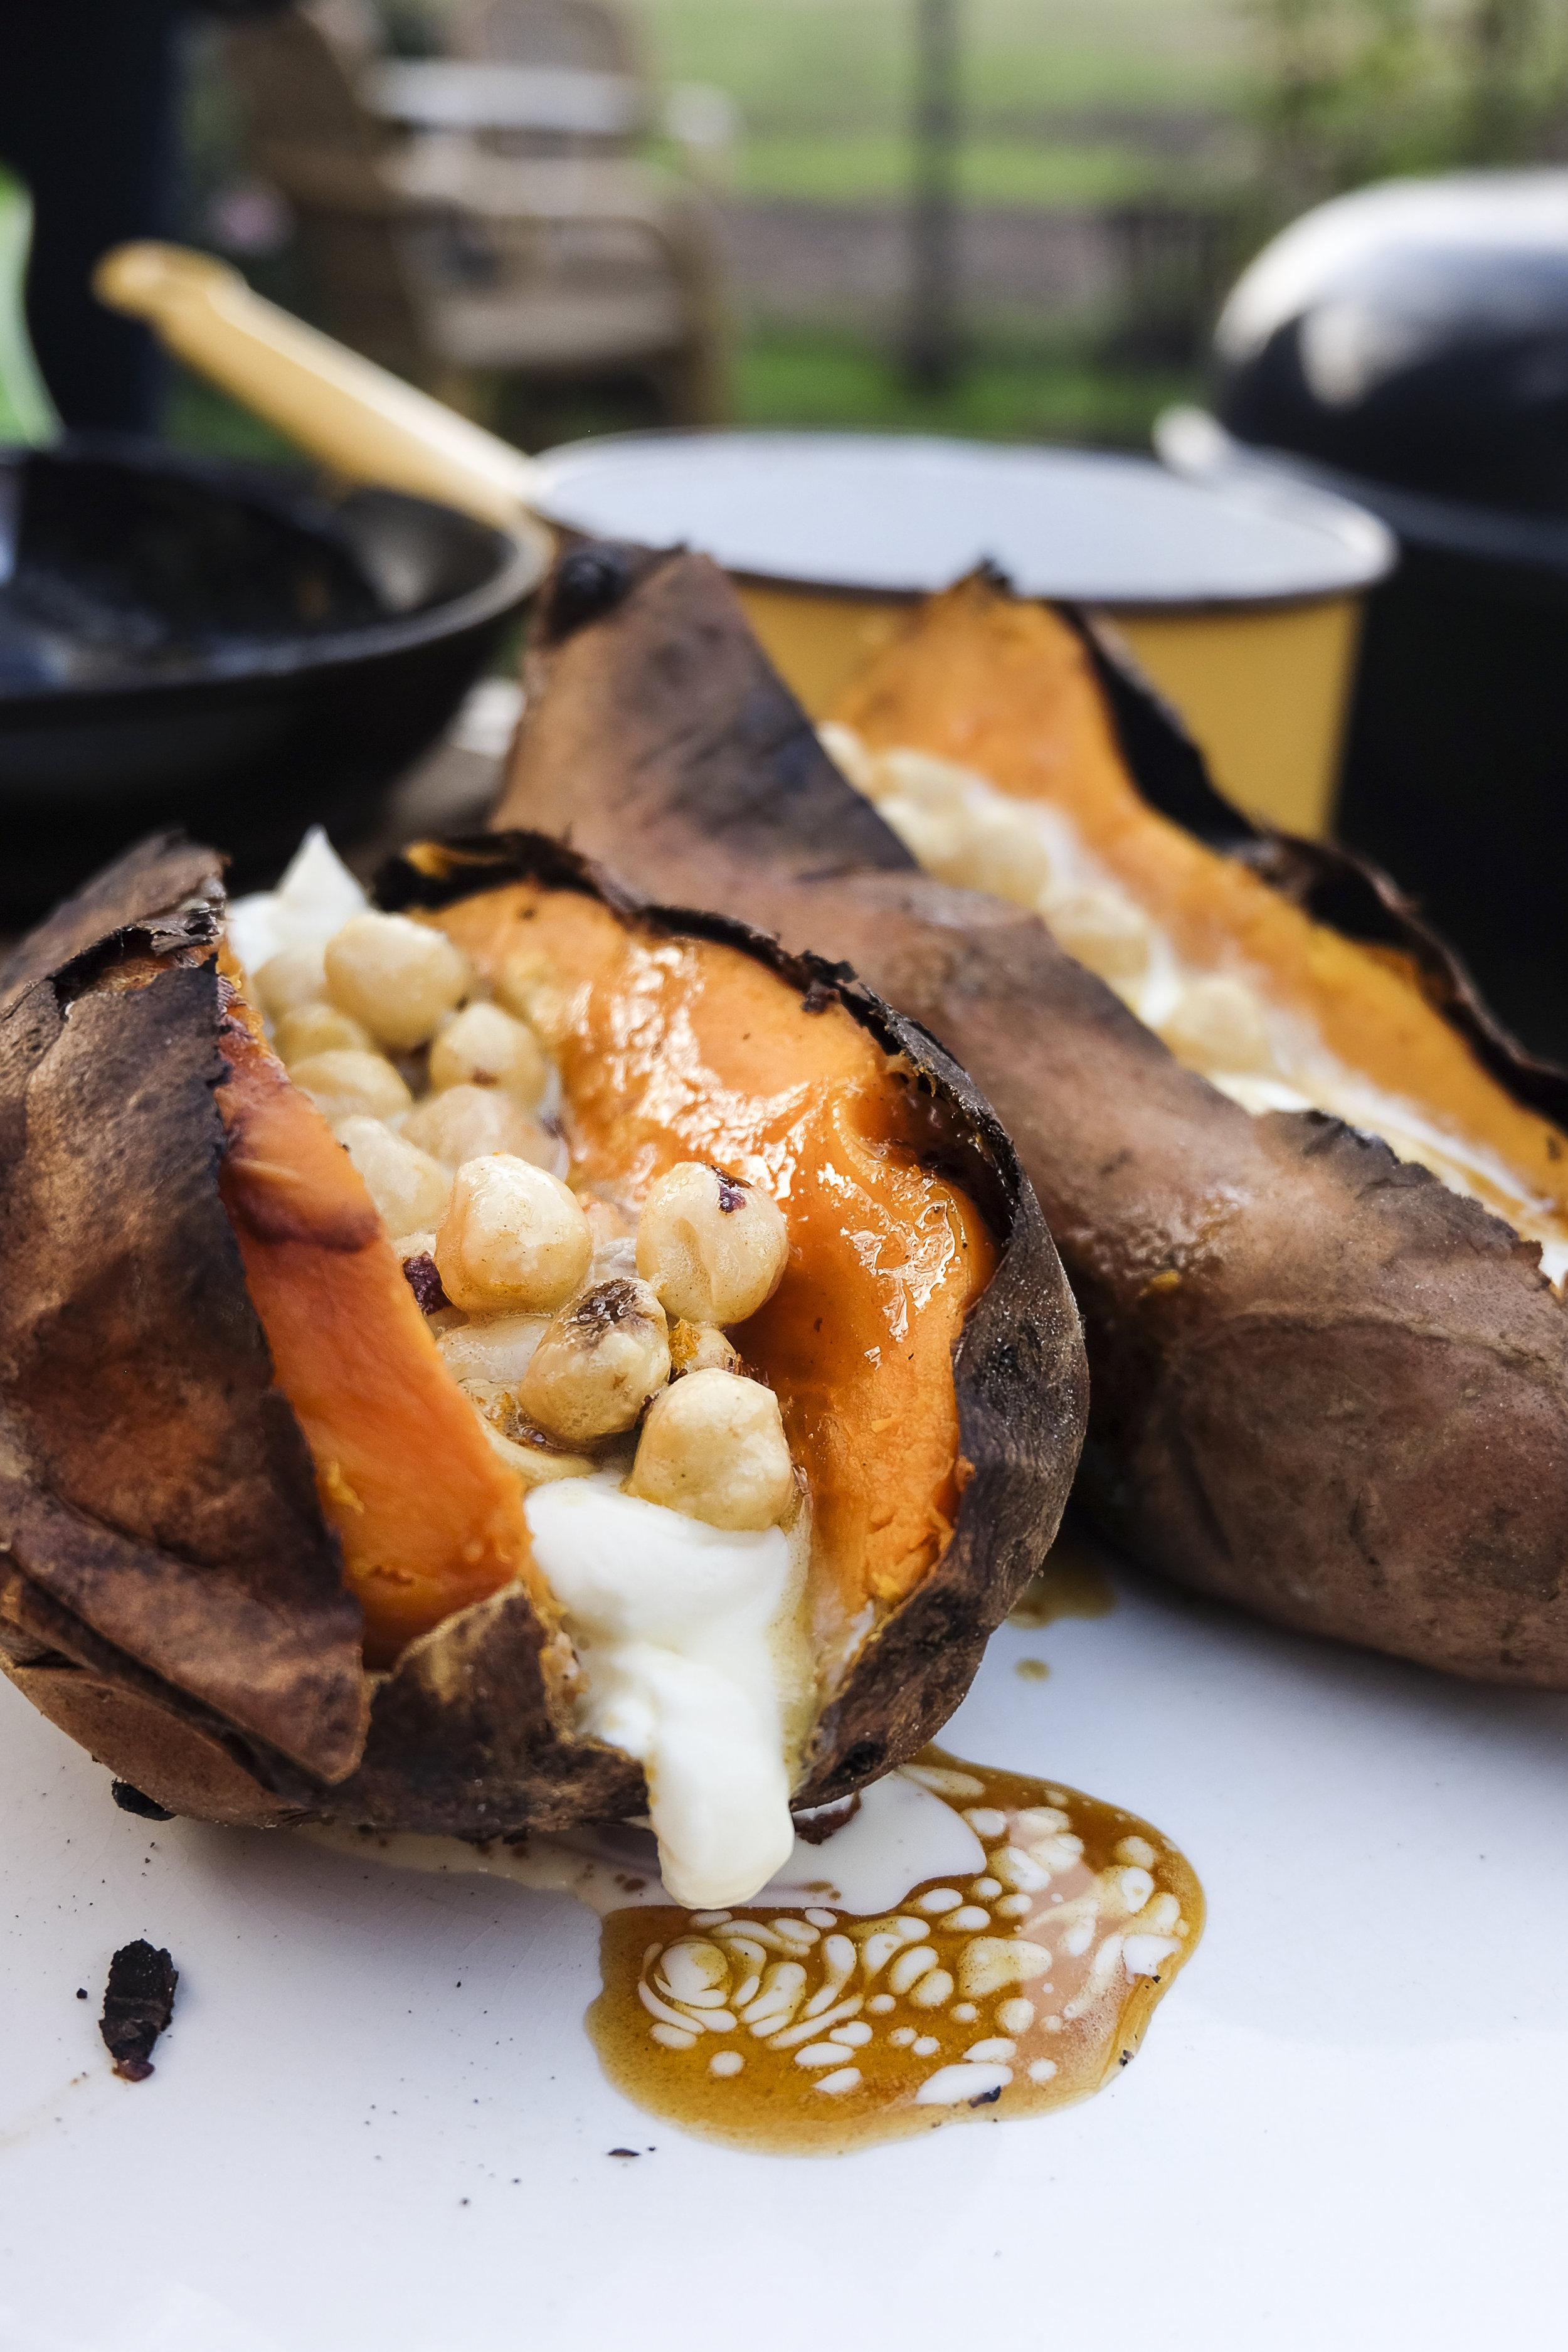 Zoete aardappel met bruine boter, mascarpone en sinaasappel.jpg